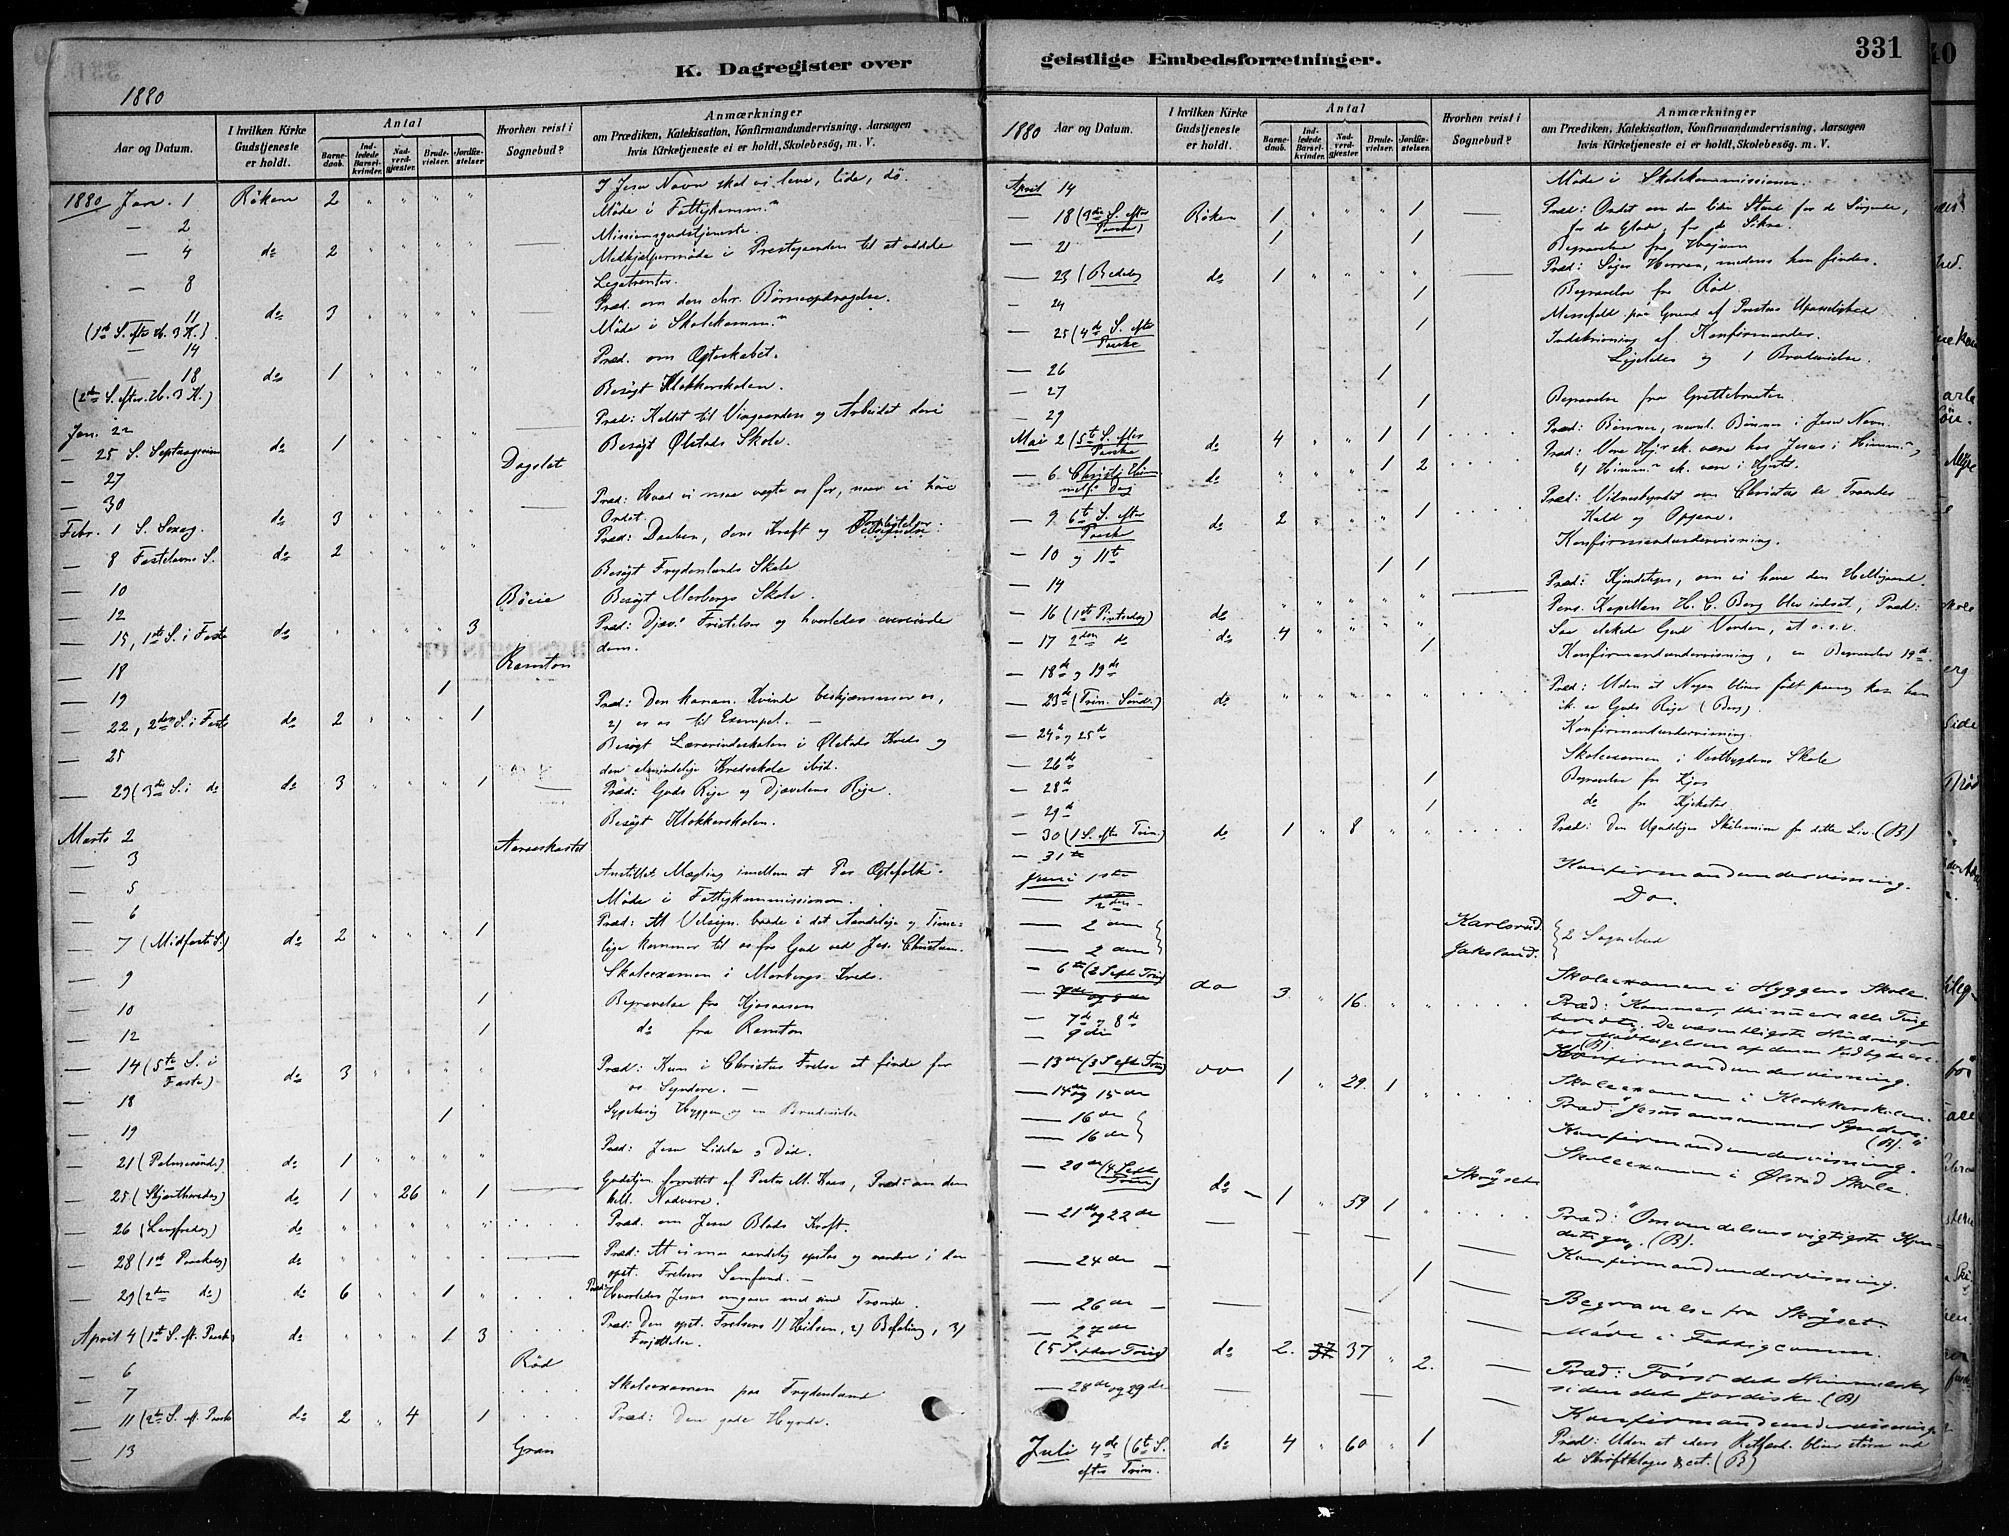 SAKO, Røyken kirkebøker, F/Fa/L0008: Ministerialbok nr. 8, 1880-1897, s. 331